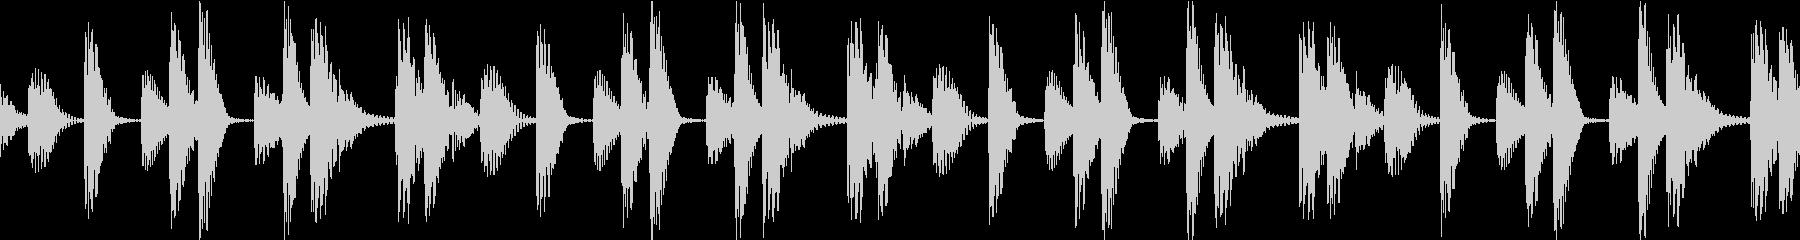 Techno ベース 2 音楽制作用の未再生の波形